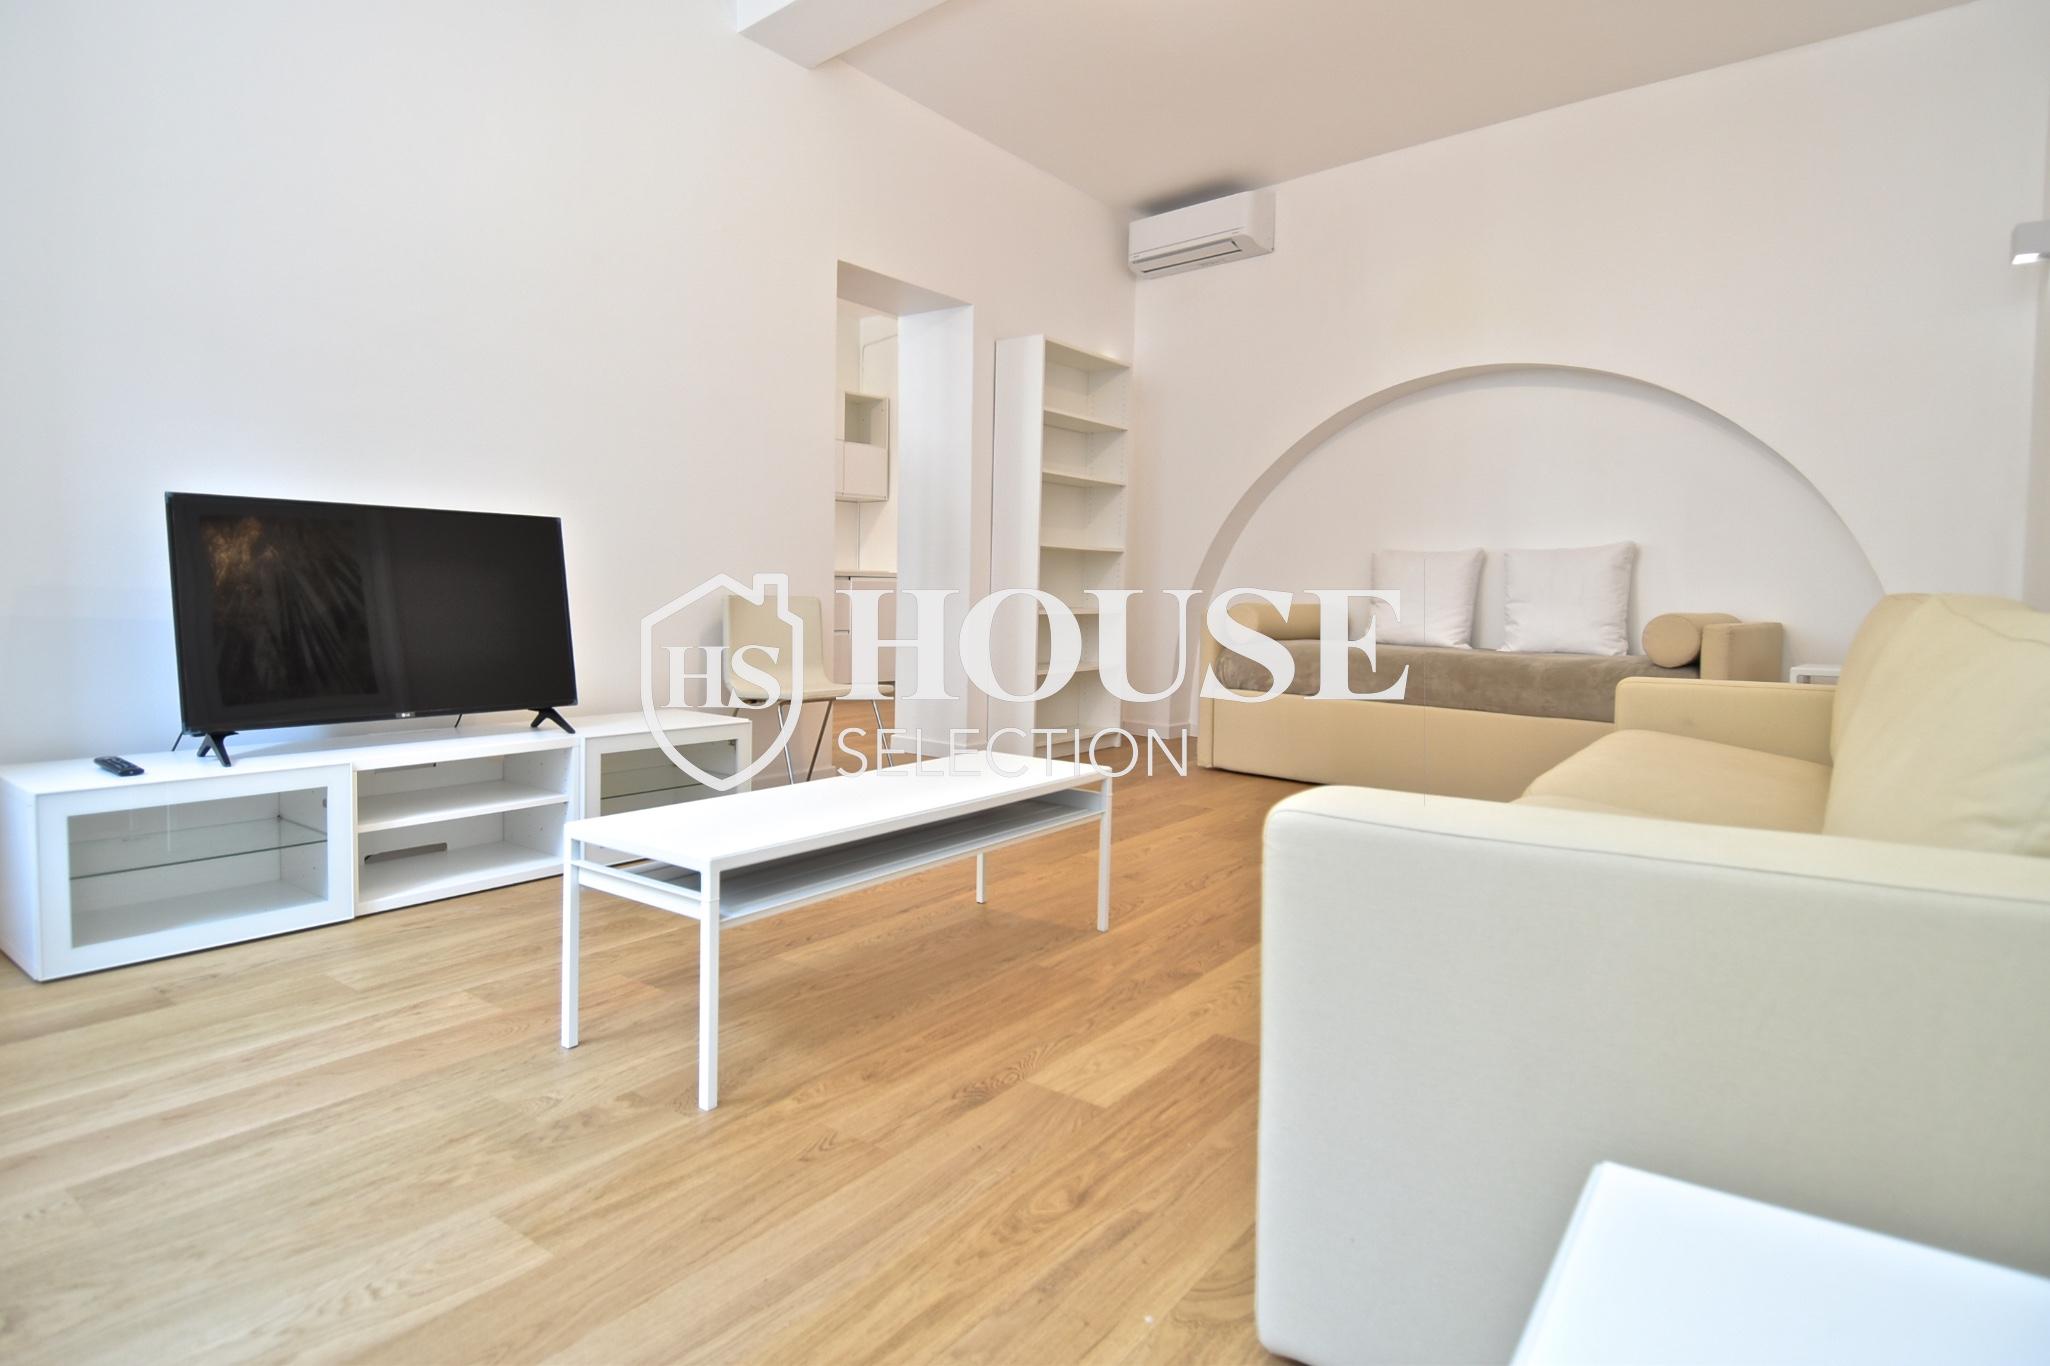 Affitto ampio bilocale Corso Garibaldi, Brera, centro Milano, ristrutturato e arredato 8